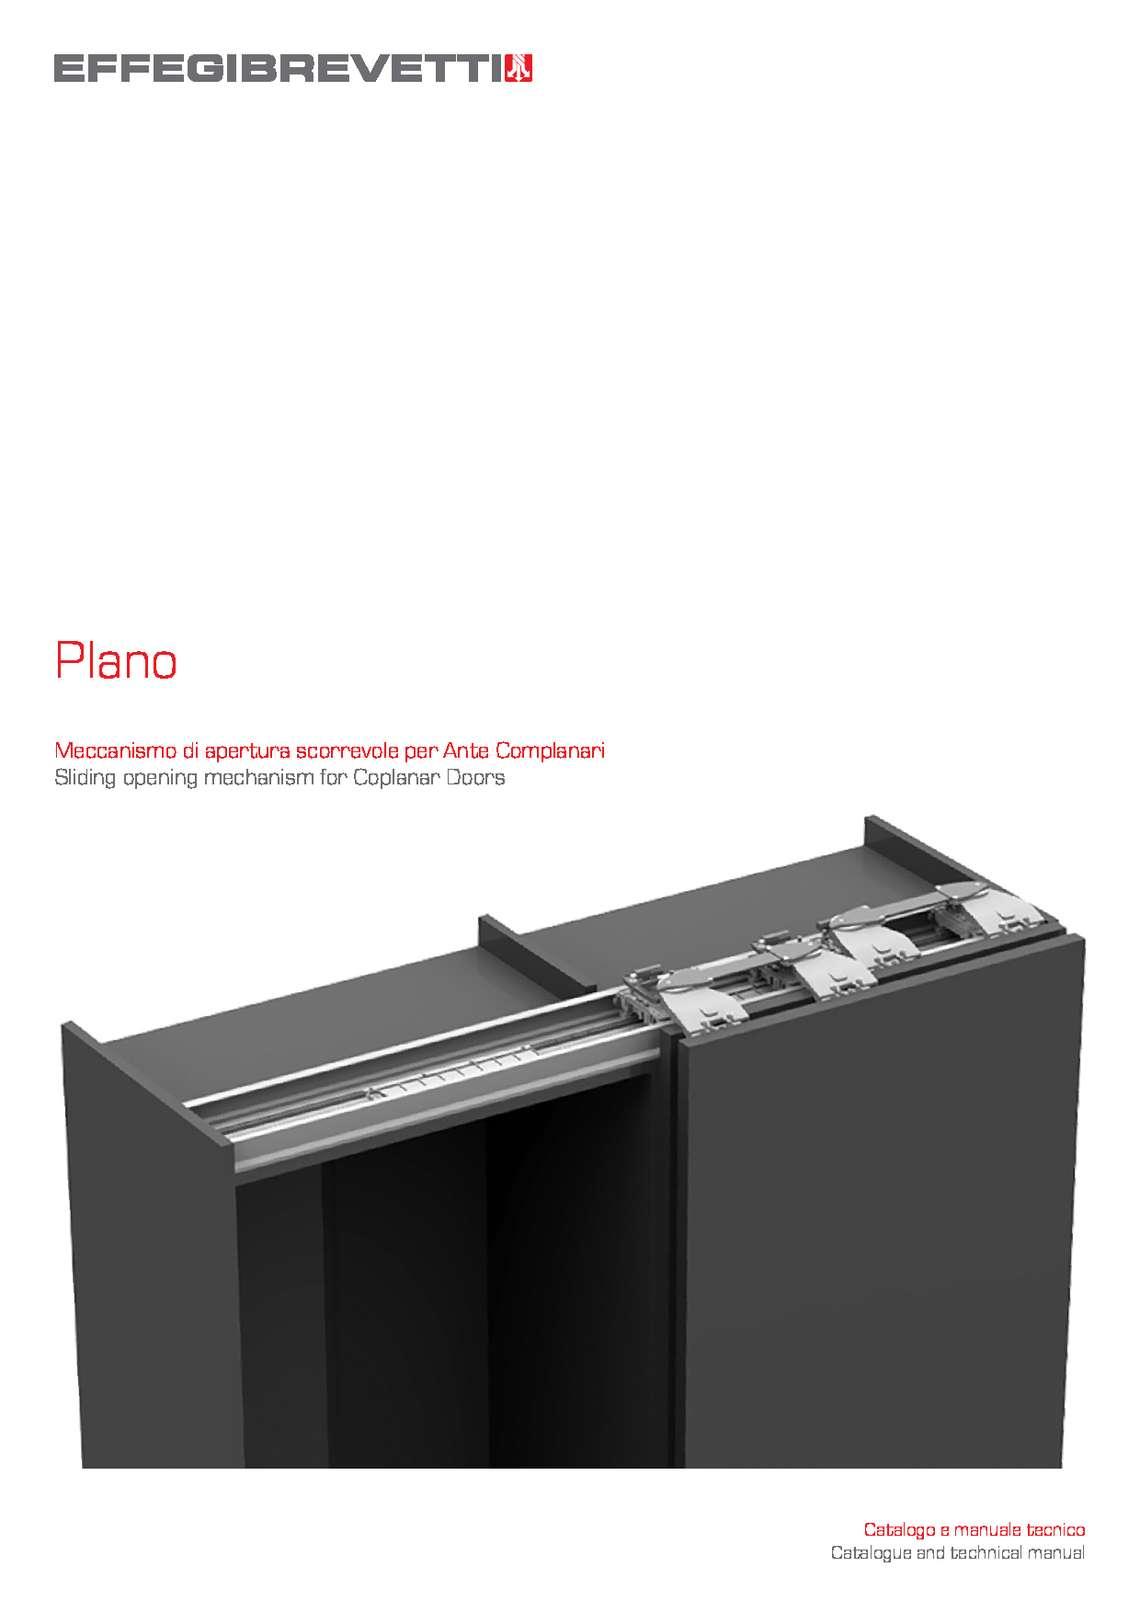 Plano - Sliding opening mechanism for Coplanar Doors